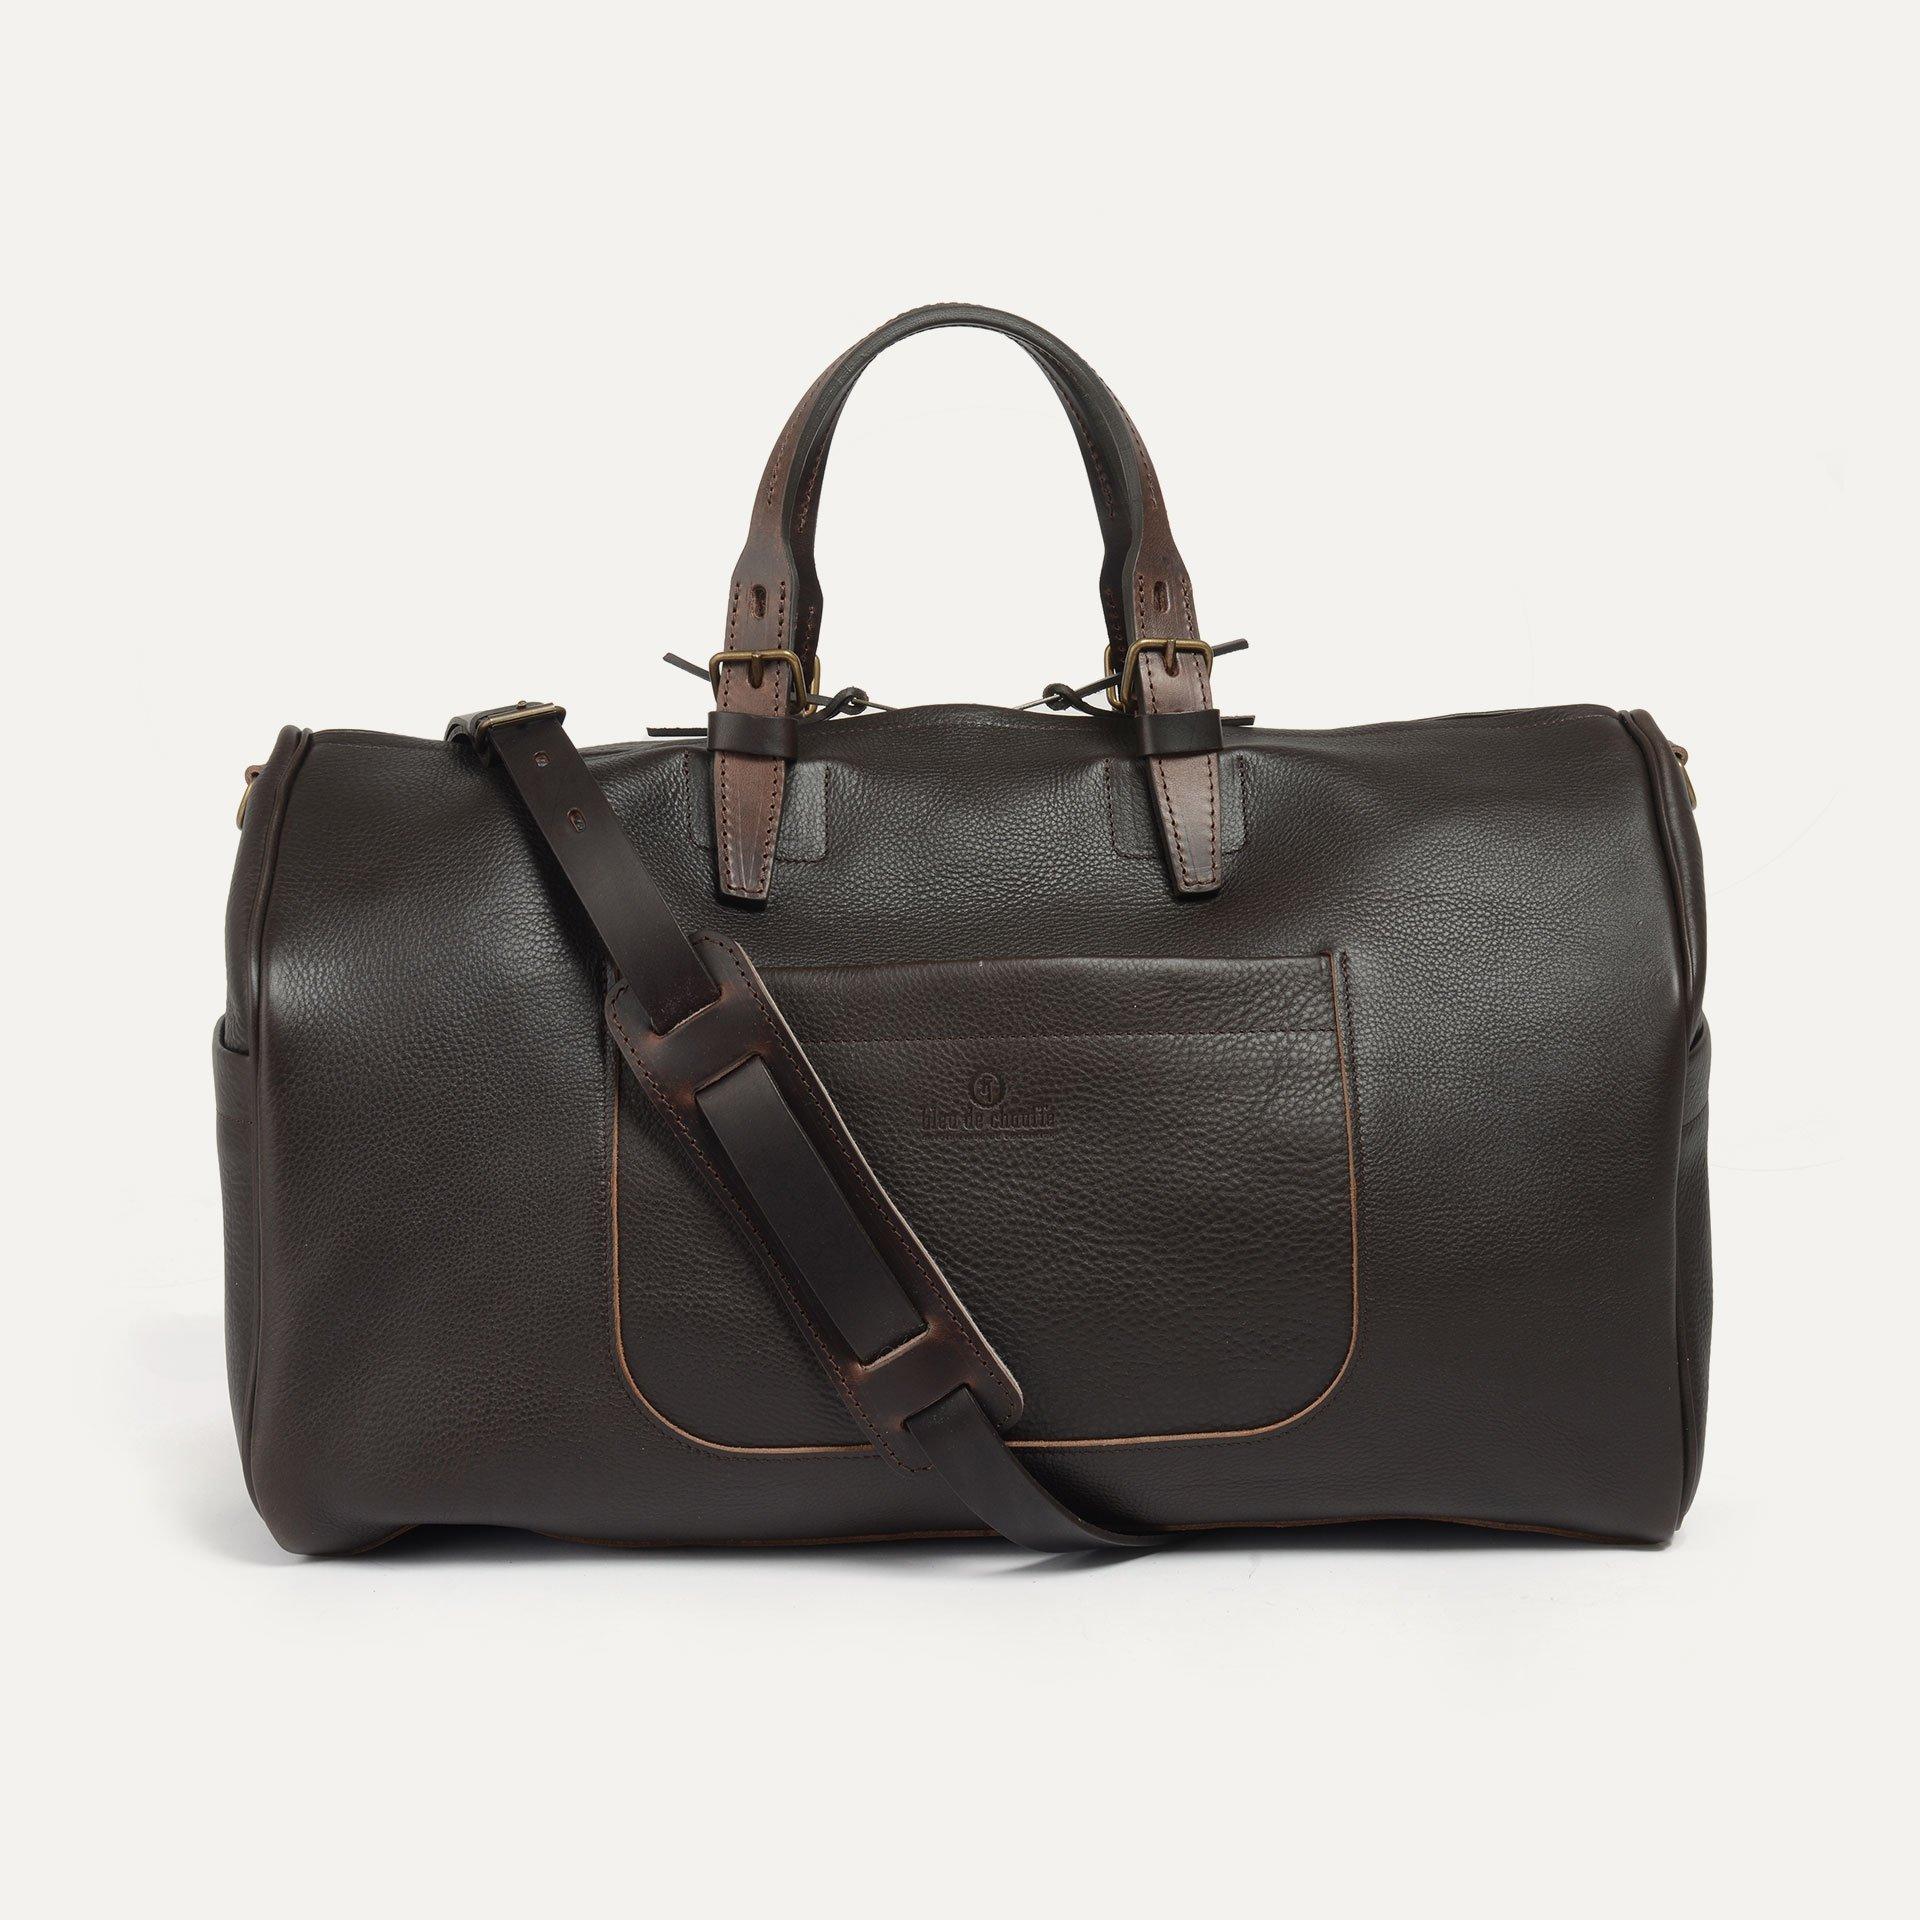 Hobo Travel bag - Dark Brown (image n°1)